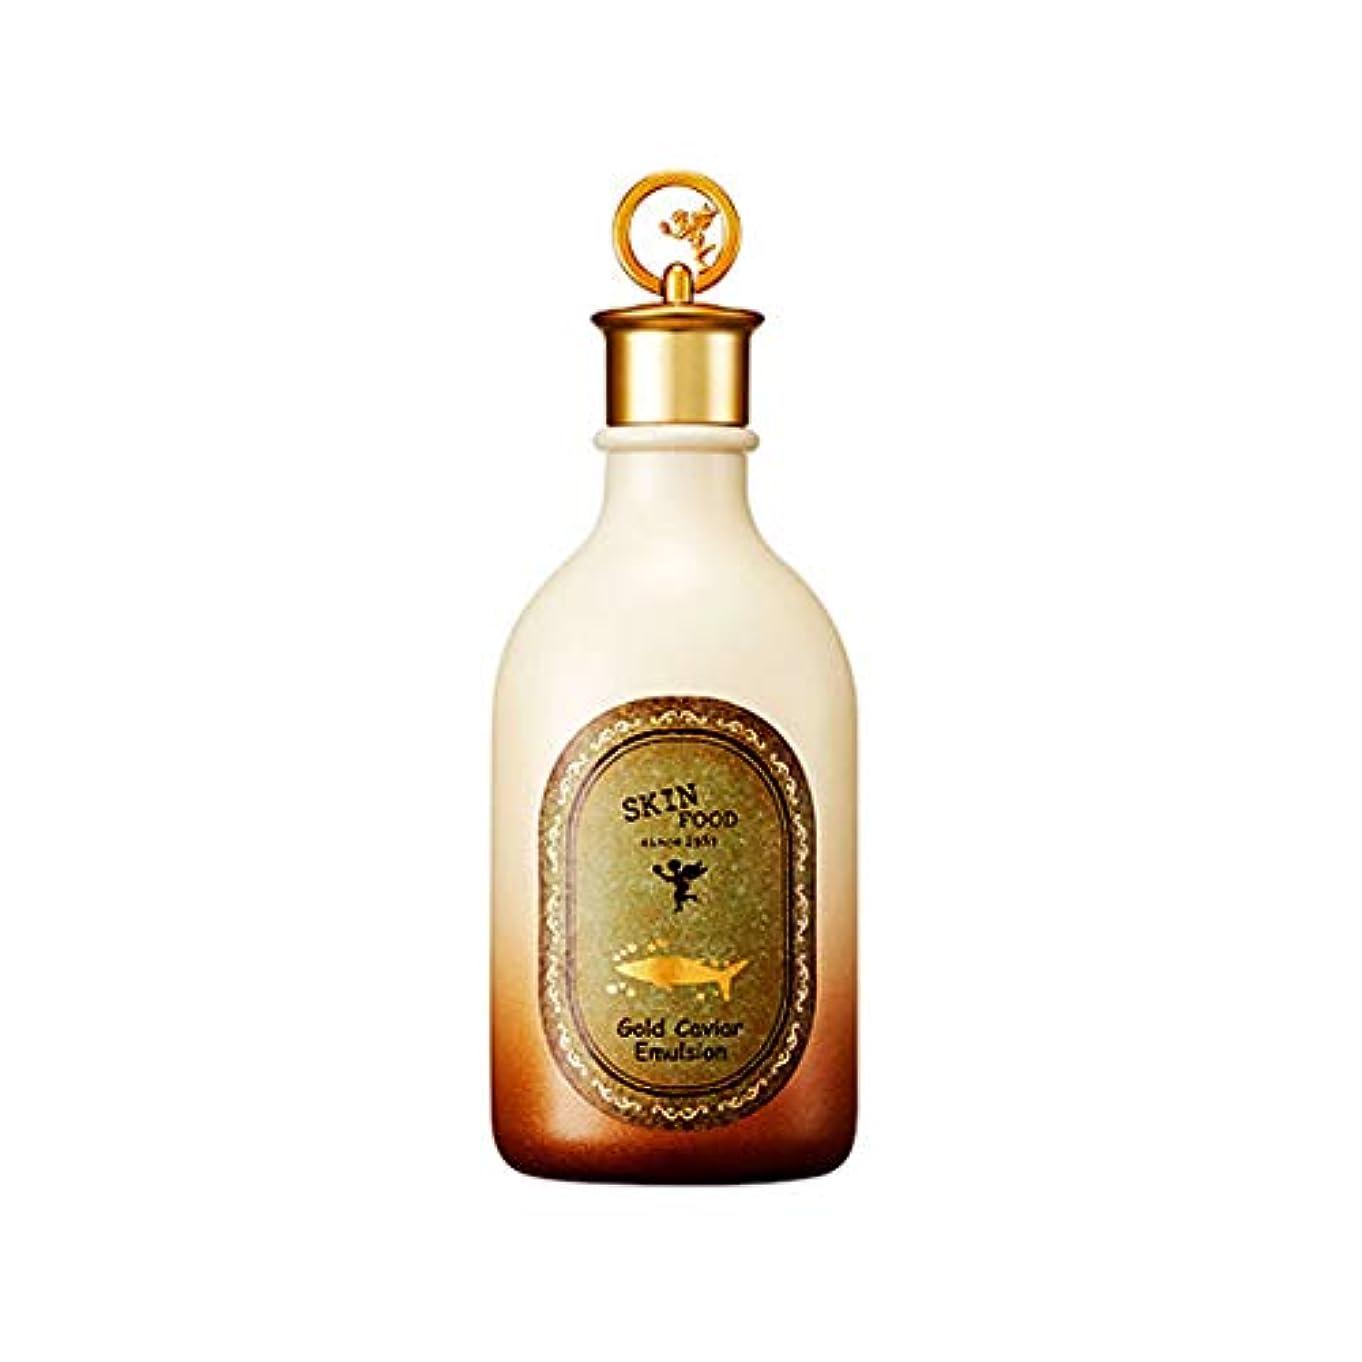 苗検出糸Skinfood ゴールドキャビアエマルジョン(しわケア) / Gold Caviar Emulsion (Wrinkle care) 145ml [並行輸入品]